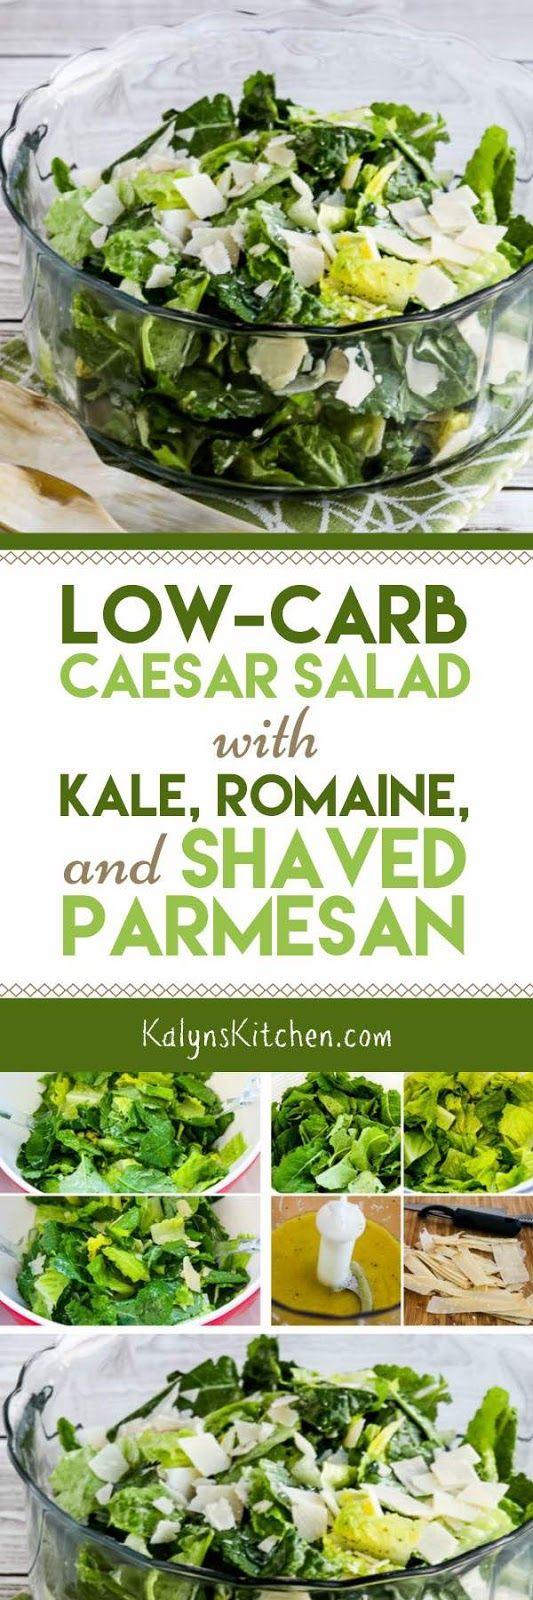 Cara Diet Setelah Melahirkan Caesar